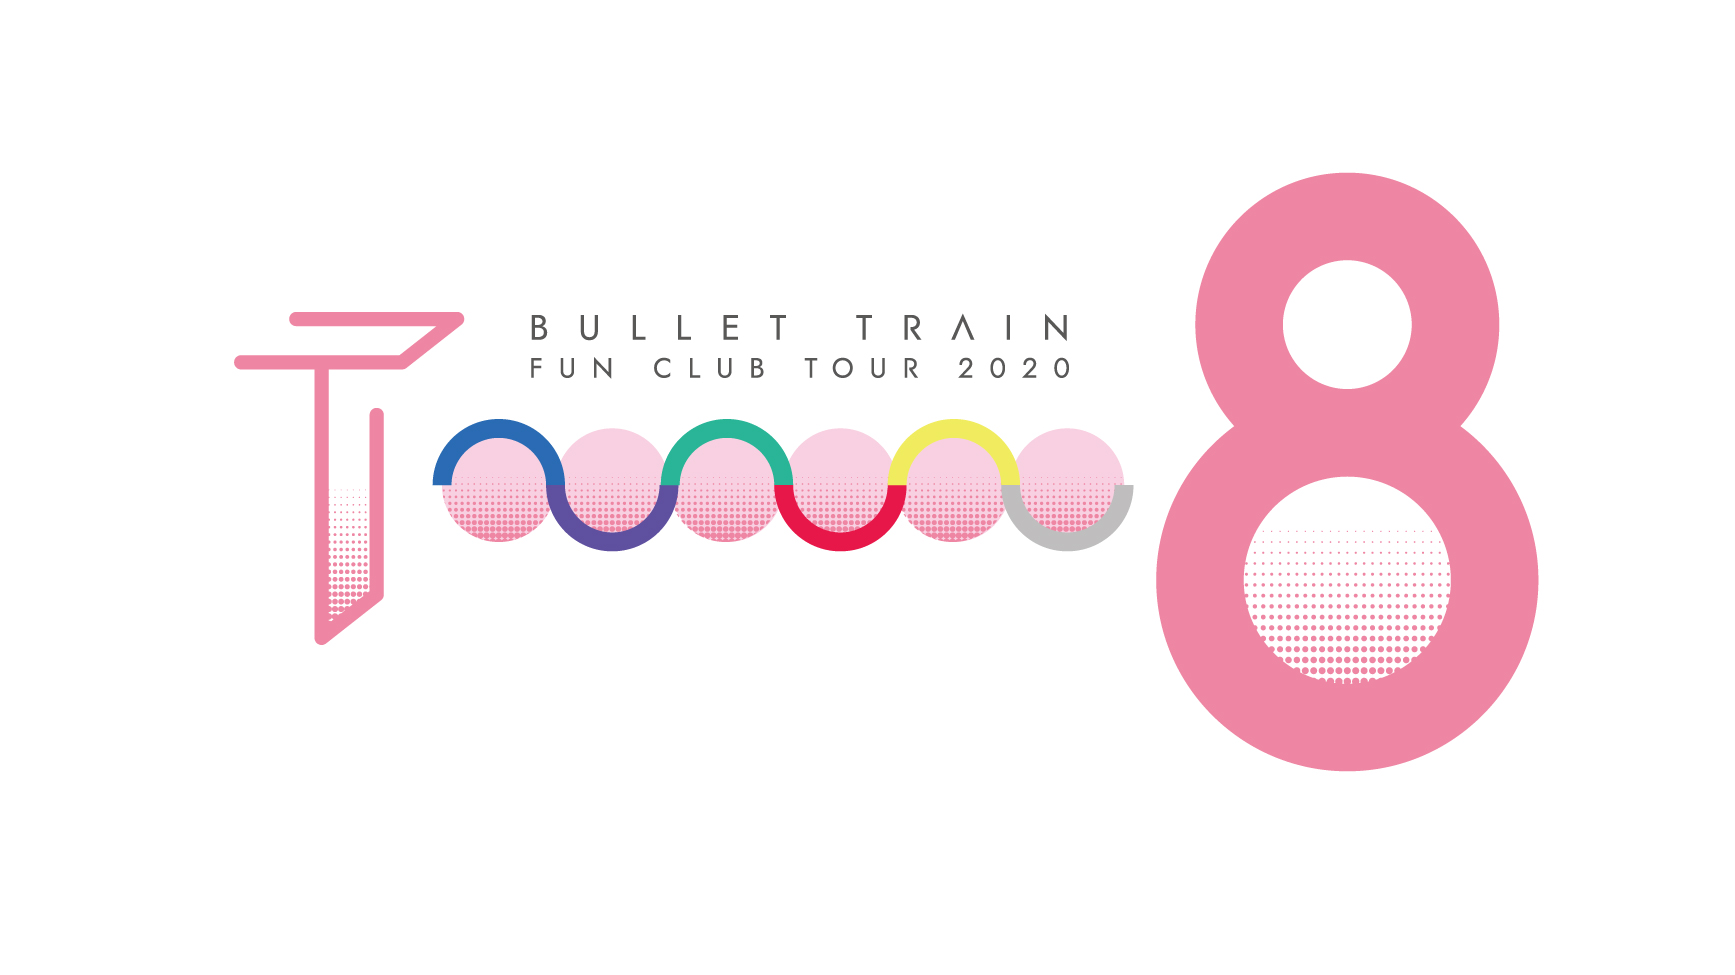 超特急ファンクラブツアー『BULLET TRAIN FUN CLUB TOUR 2020「Toooooo 8」』Logo